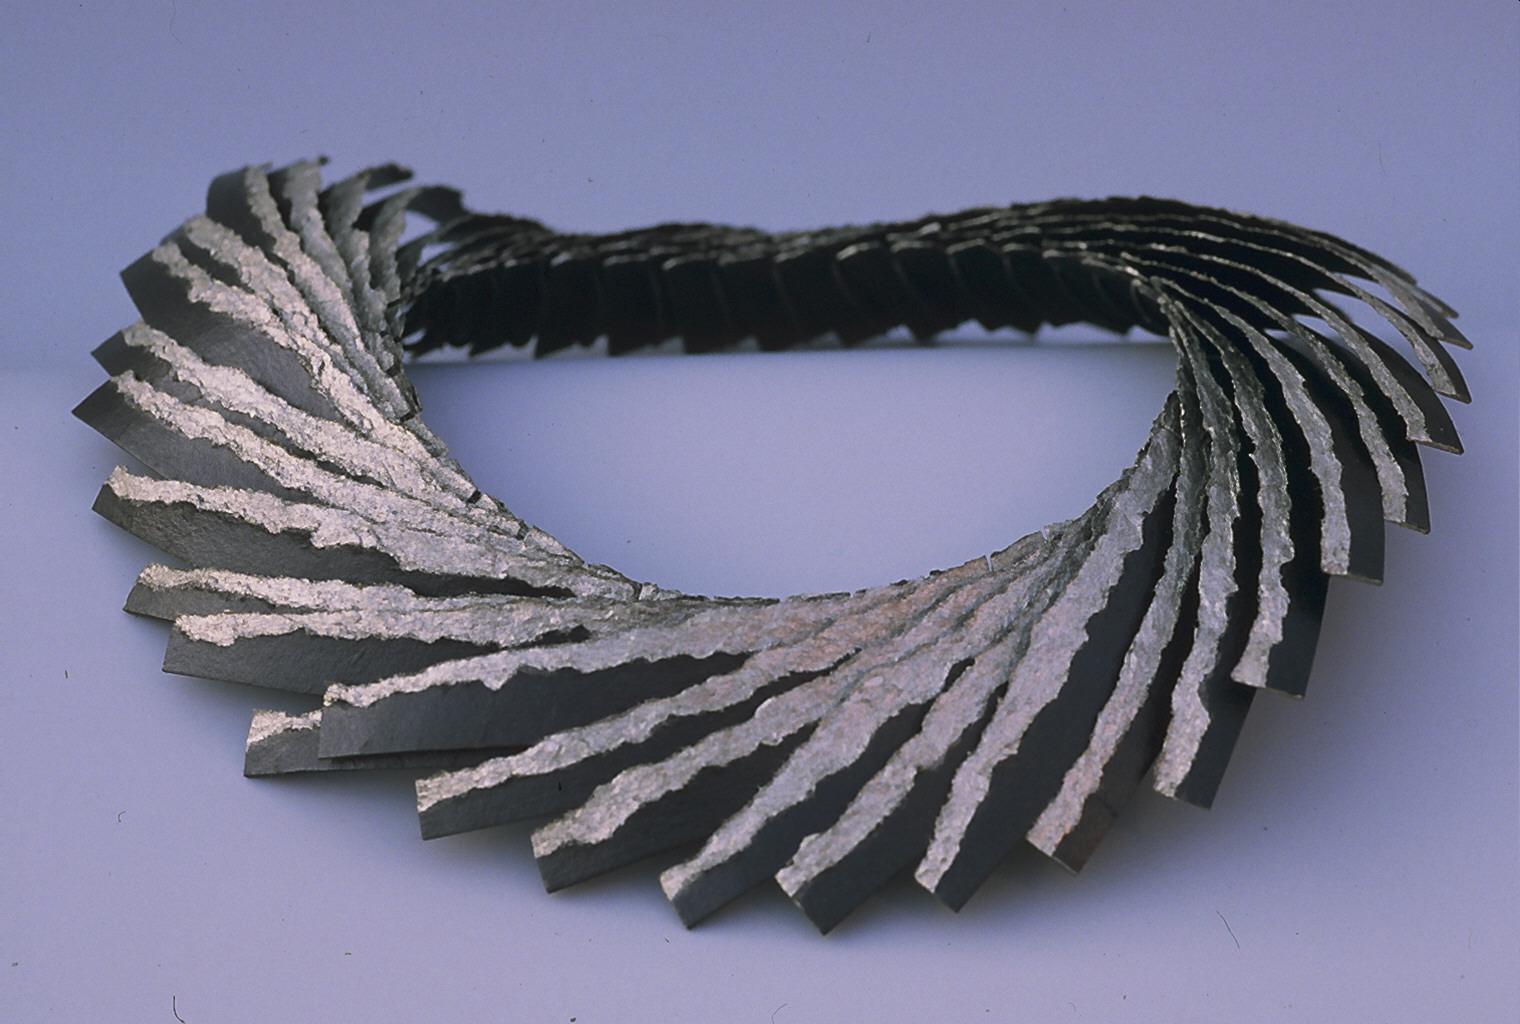 Lous Martin, Veertjescollier, halssieraad, 1989, karton, acrylverf